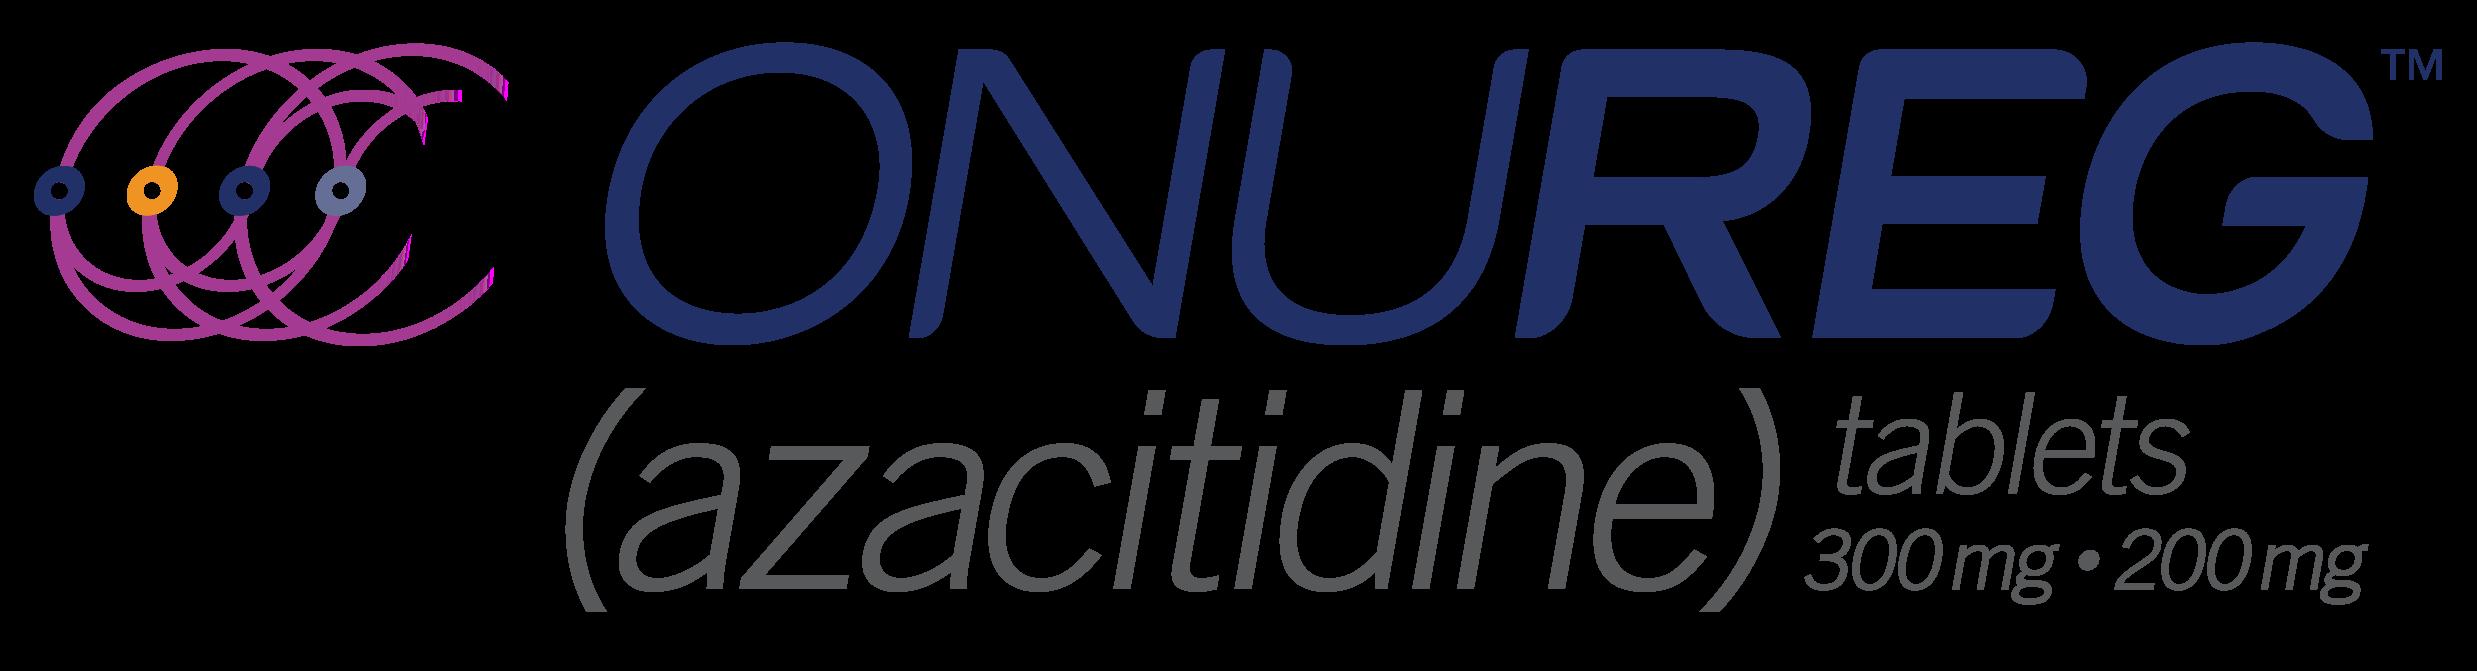 ONUREG® (azacitidine) tablets 300mg & 200mg